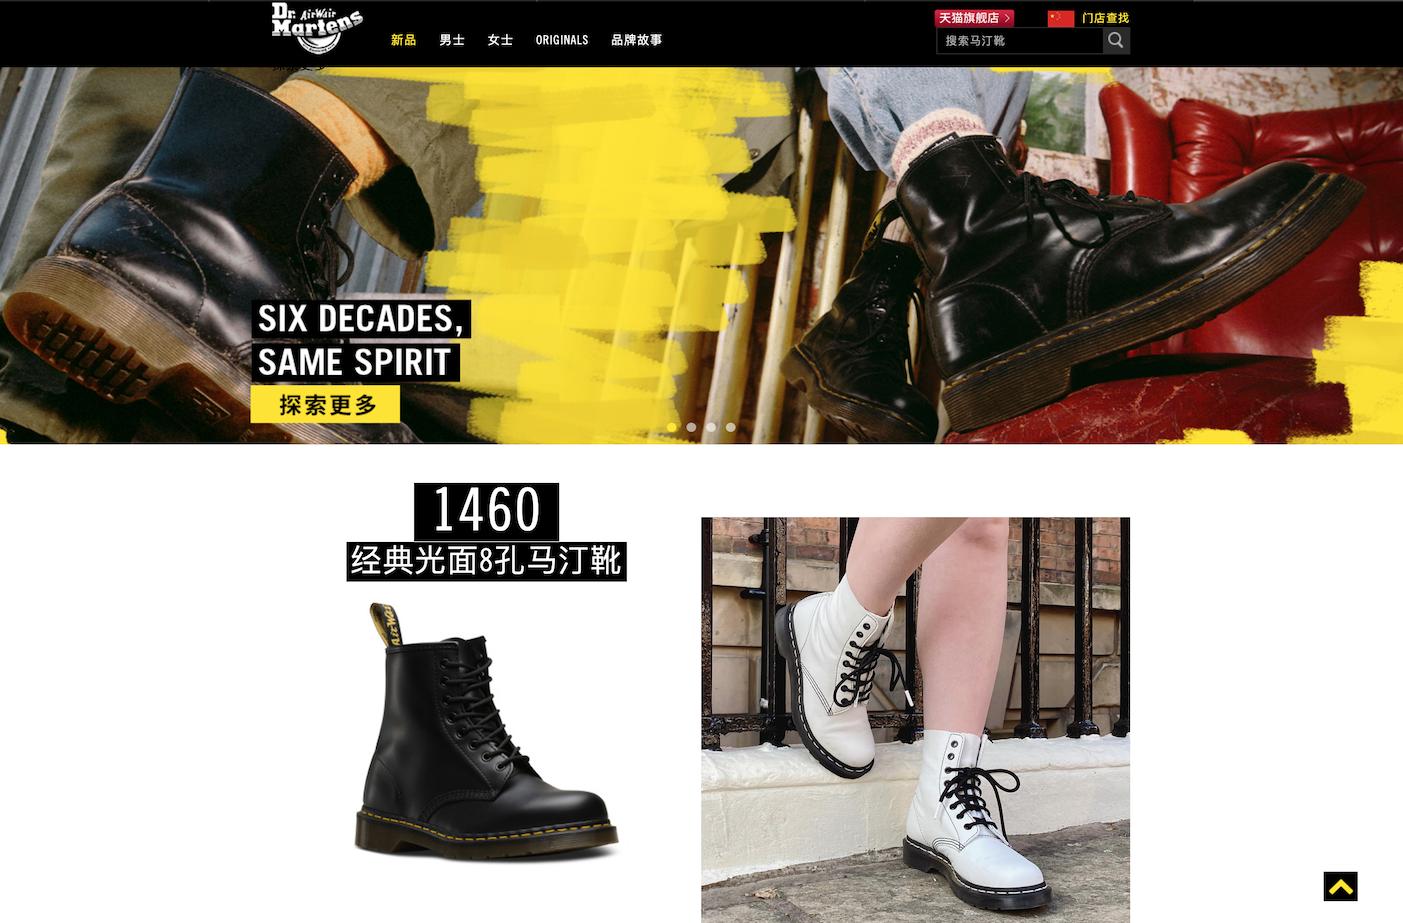 马丁靴 Dr. Martens上市在即,整体估值或超37亿英镑